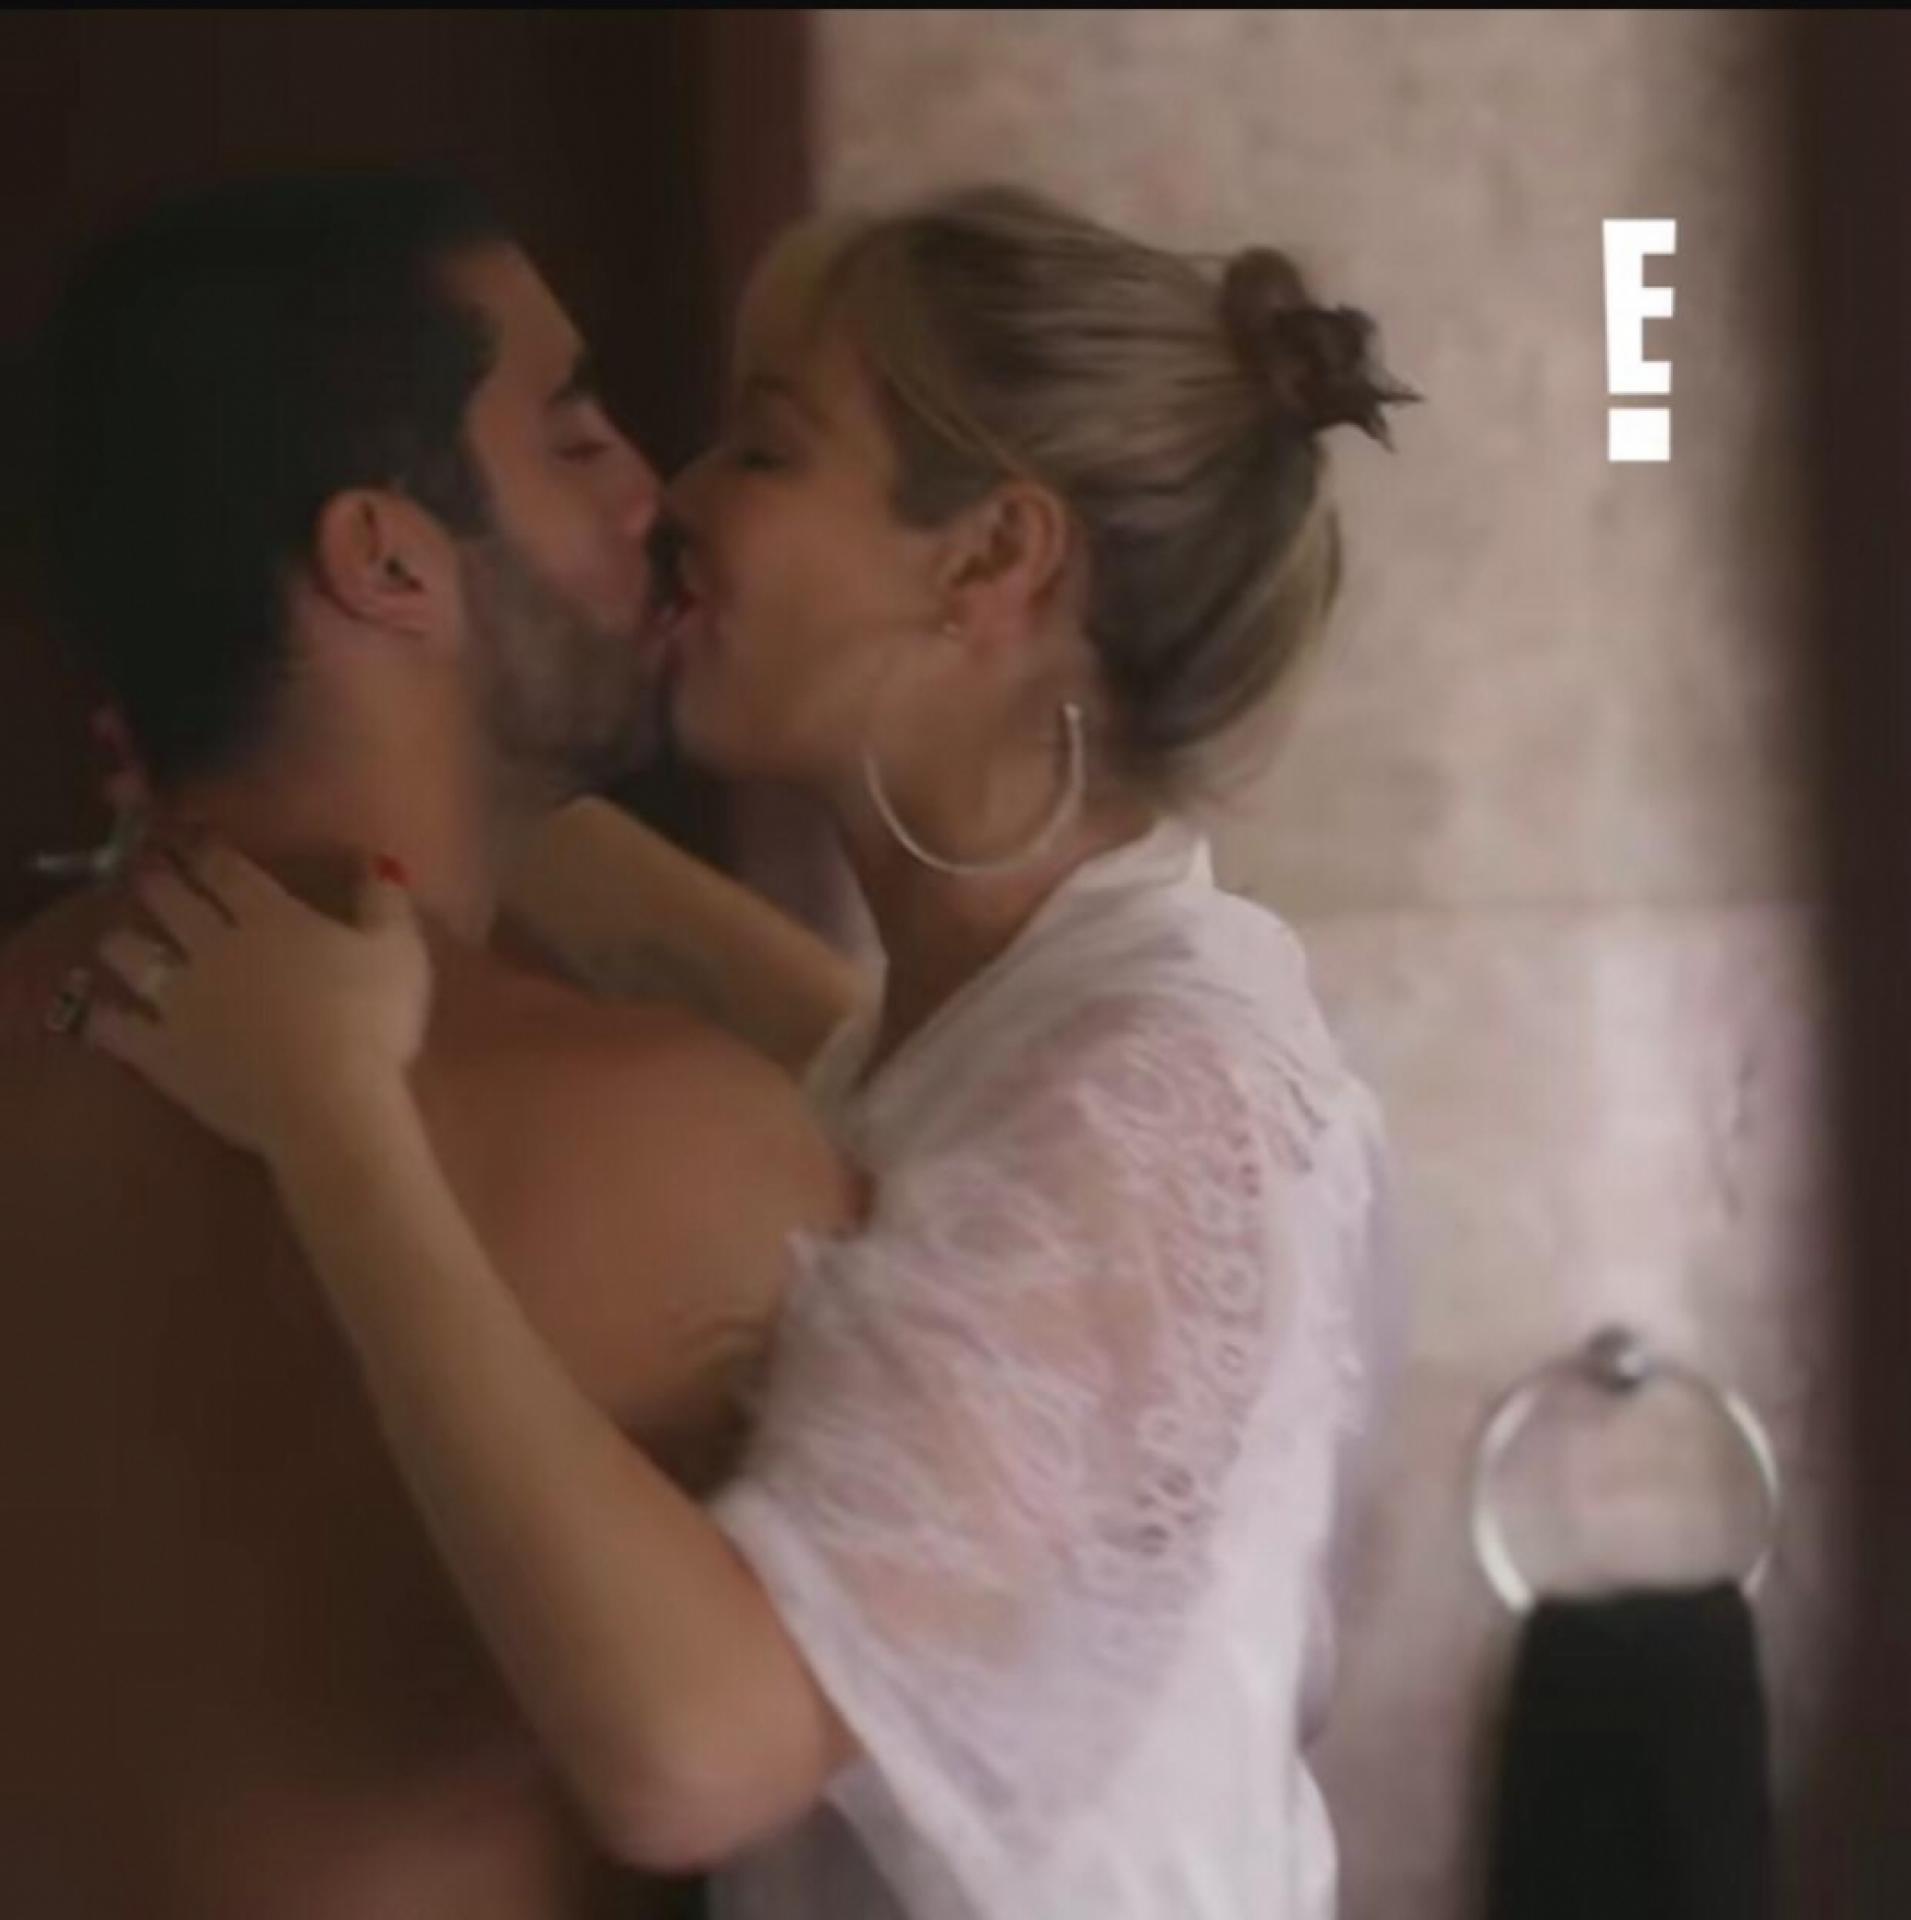 Luana Piovani aos beijos com ex-marido Pedro Scooby para seu novo programa (Reprodução: E!)